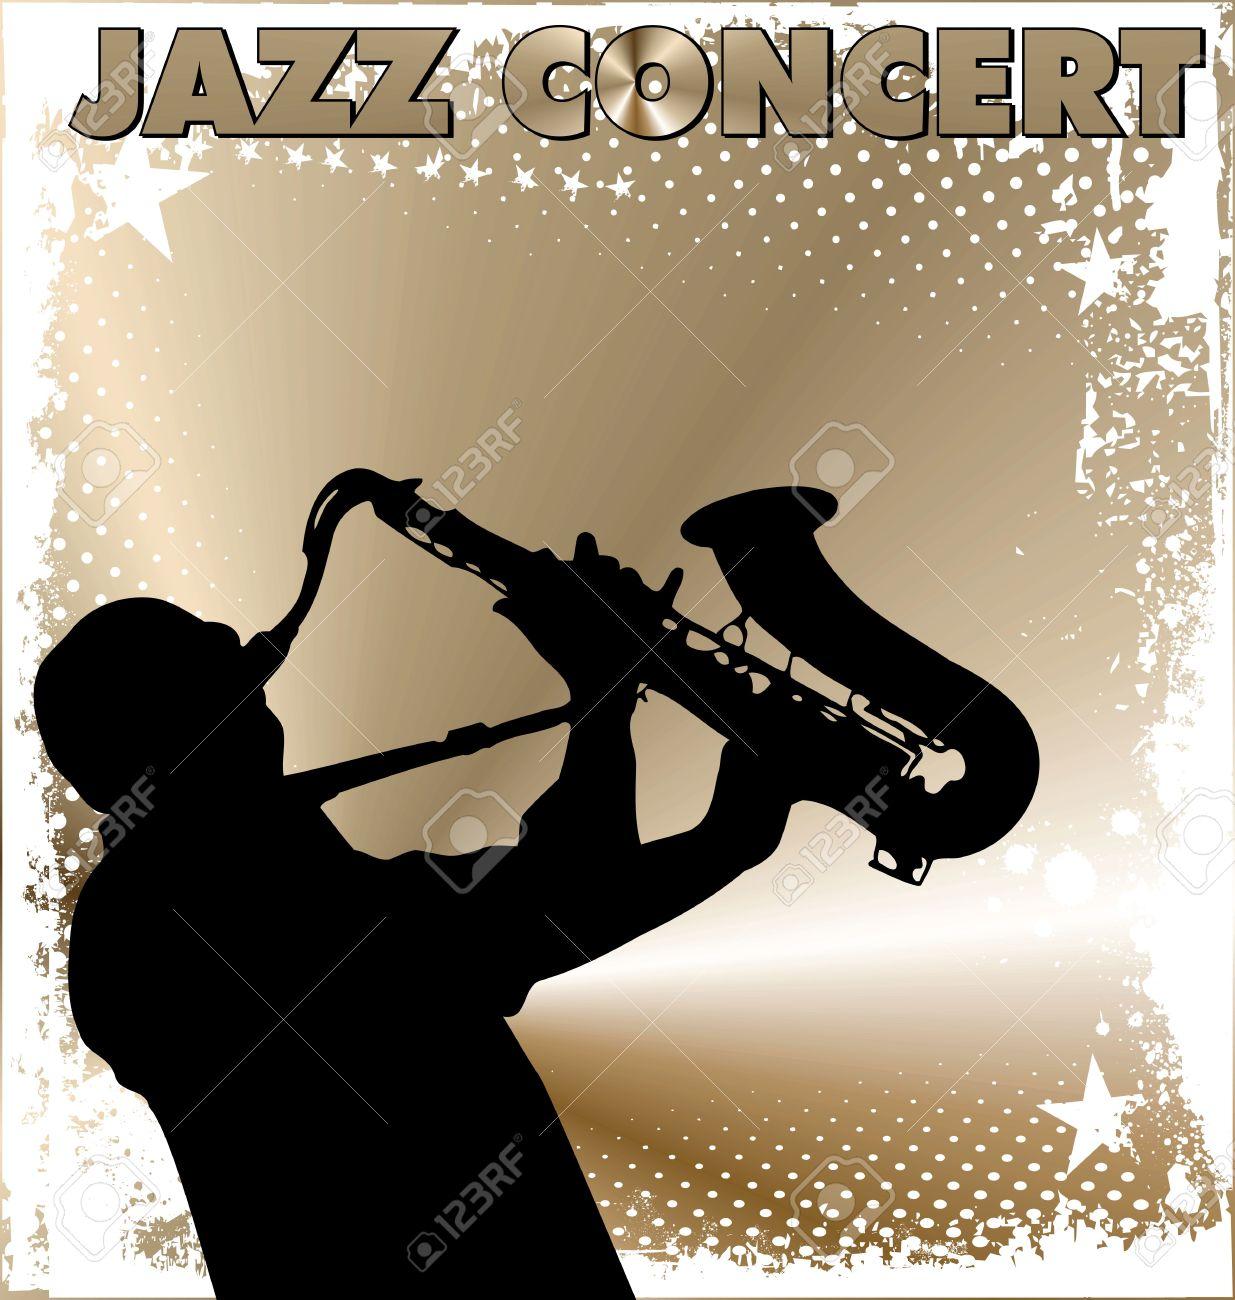 ジャズ コンサートの壁紙のイラスト素材 ベクタ Image